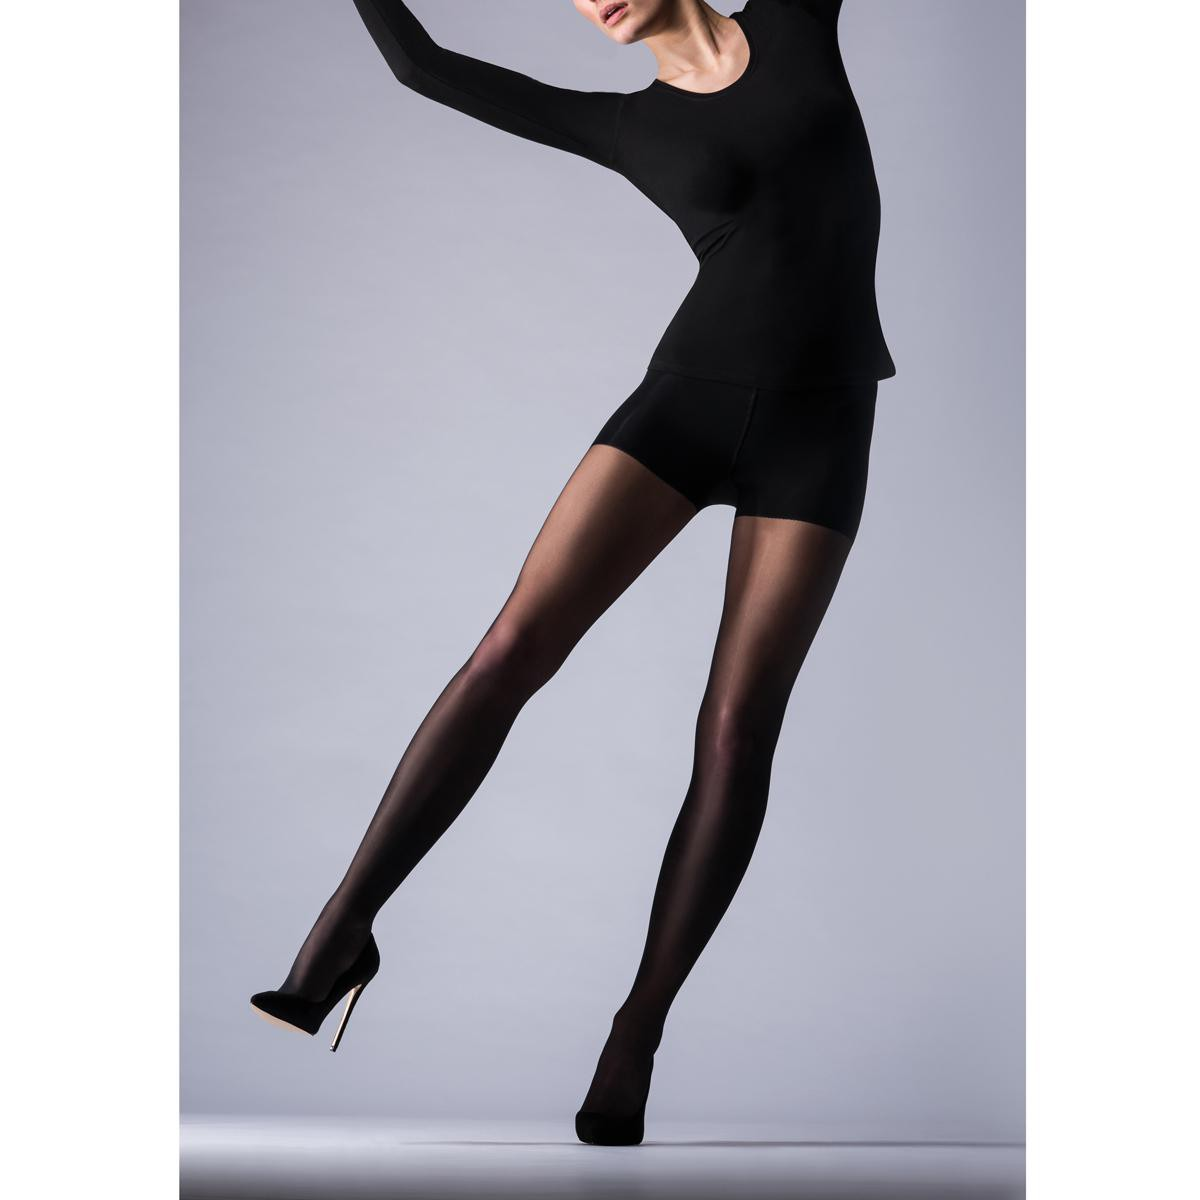 Collant doux 15D noir - Aristoc - Modalova